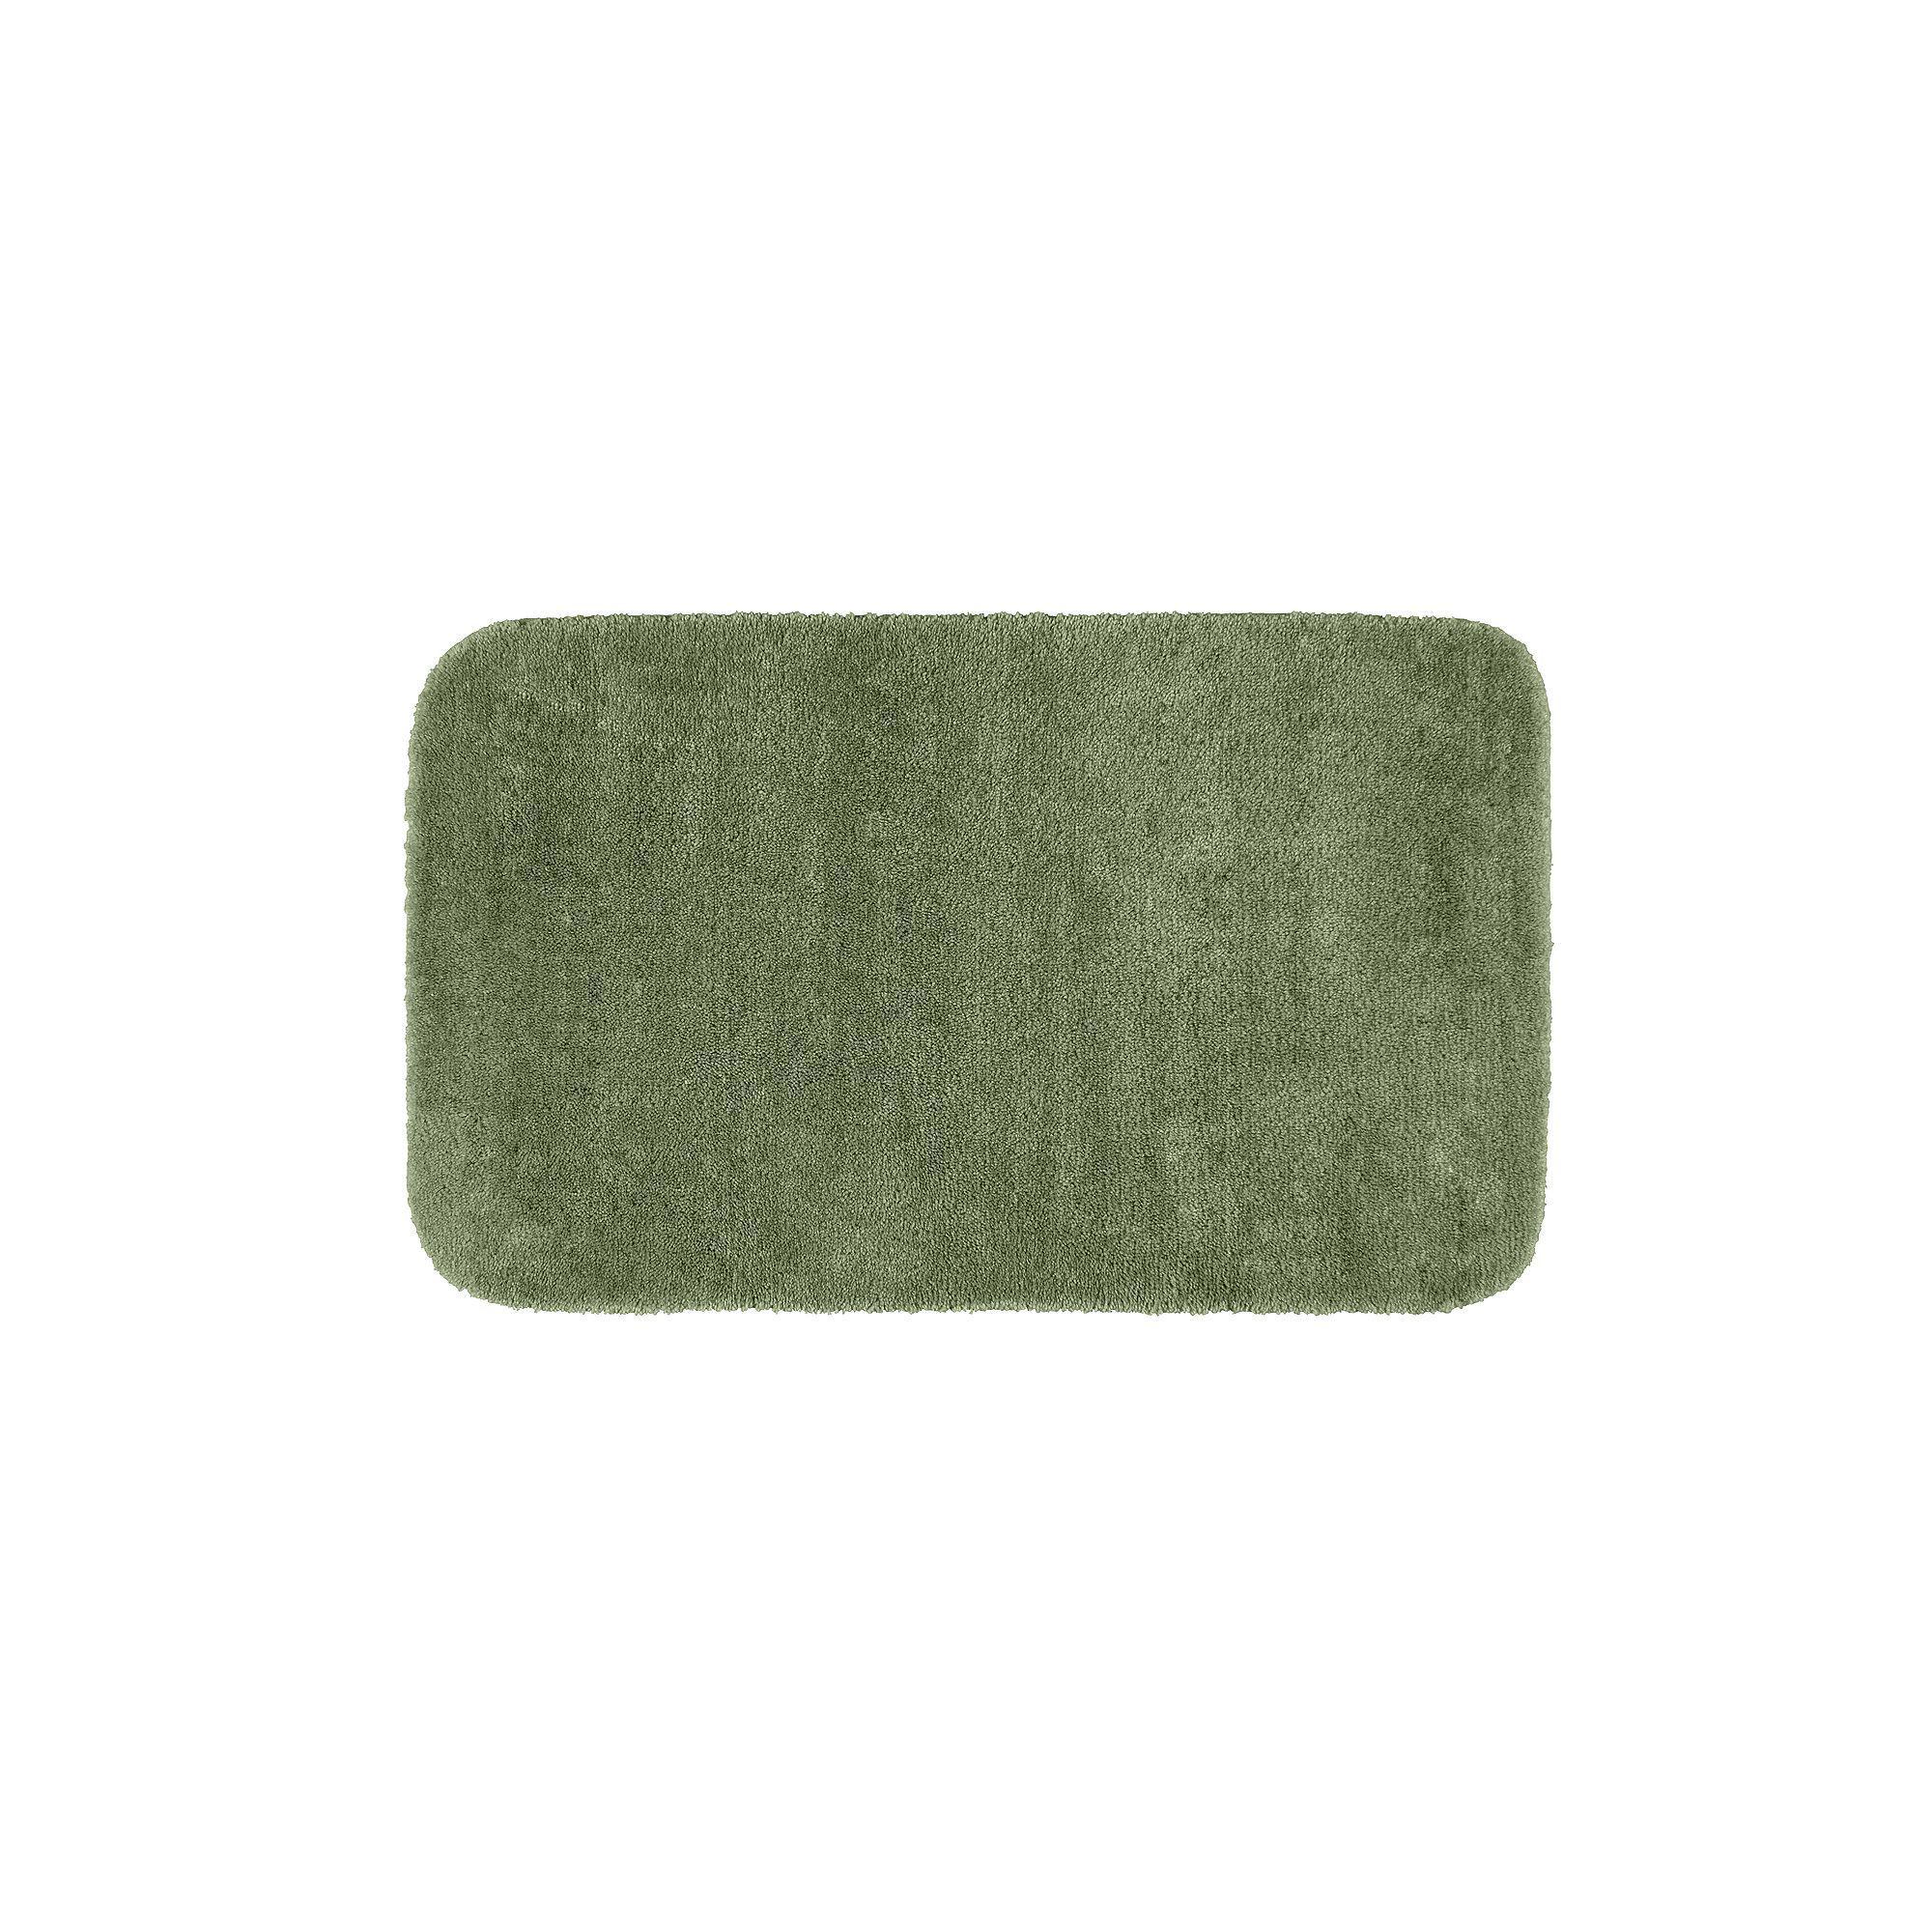 garland rug garland deco plush nylon bath rug - 30'' x 50'' | bath